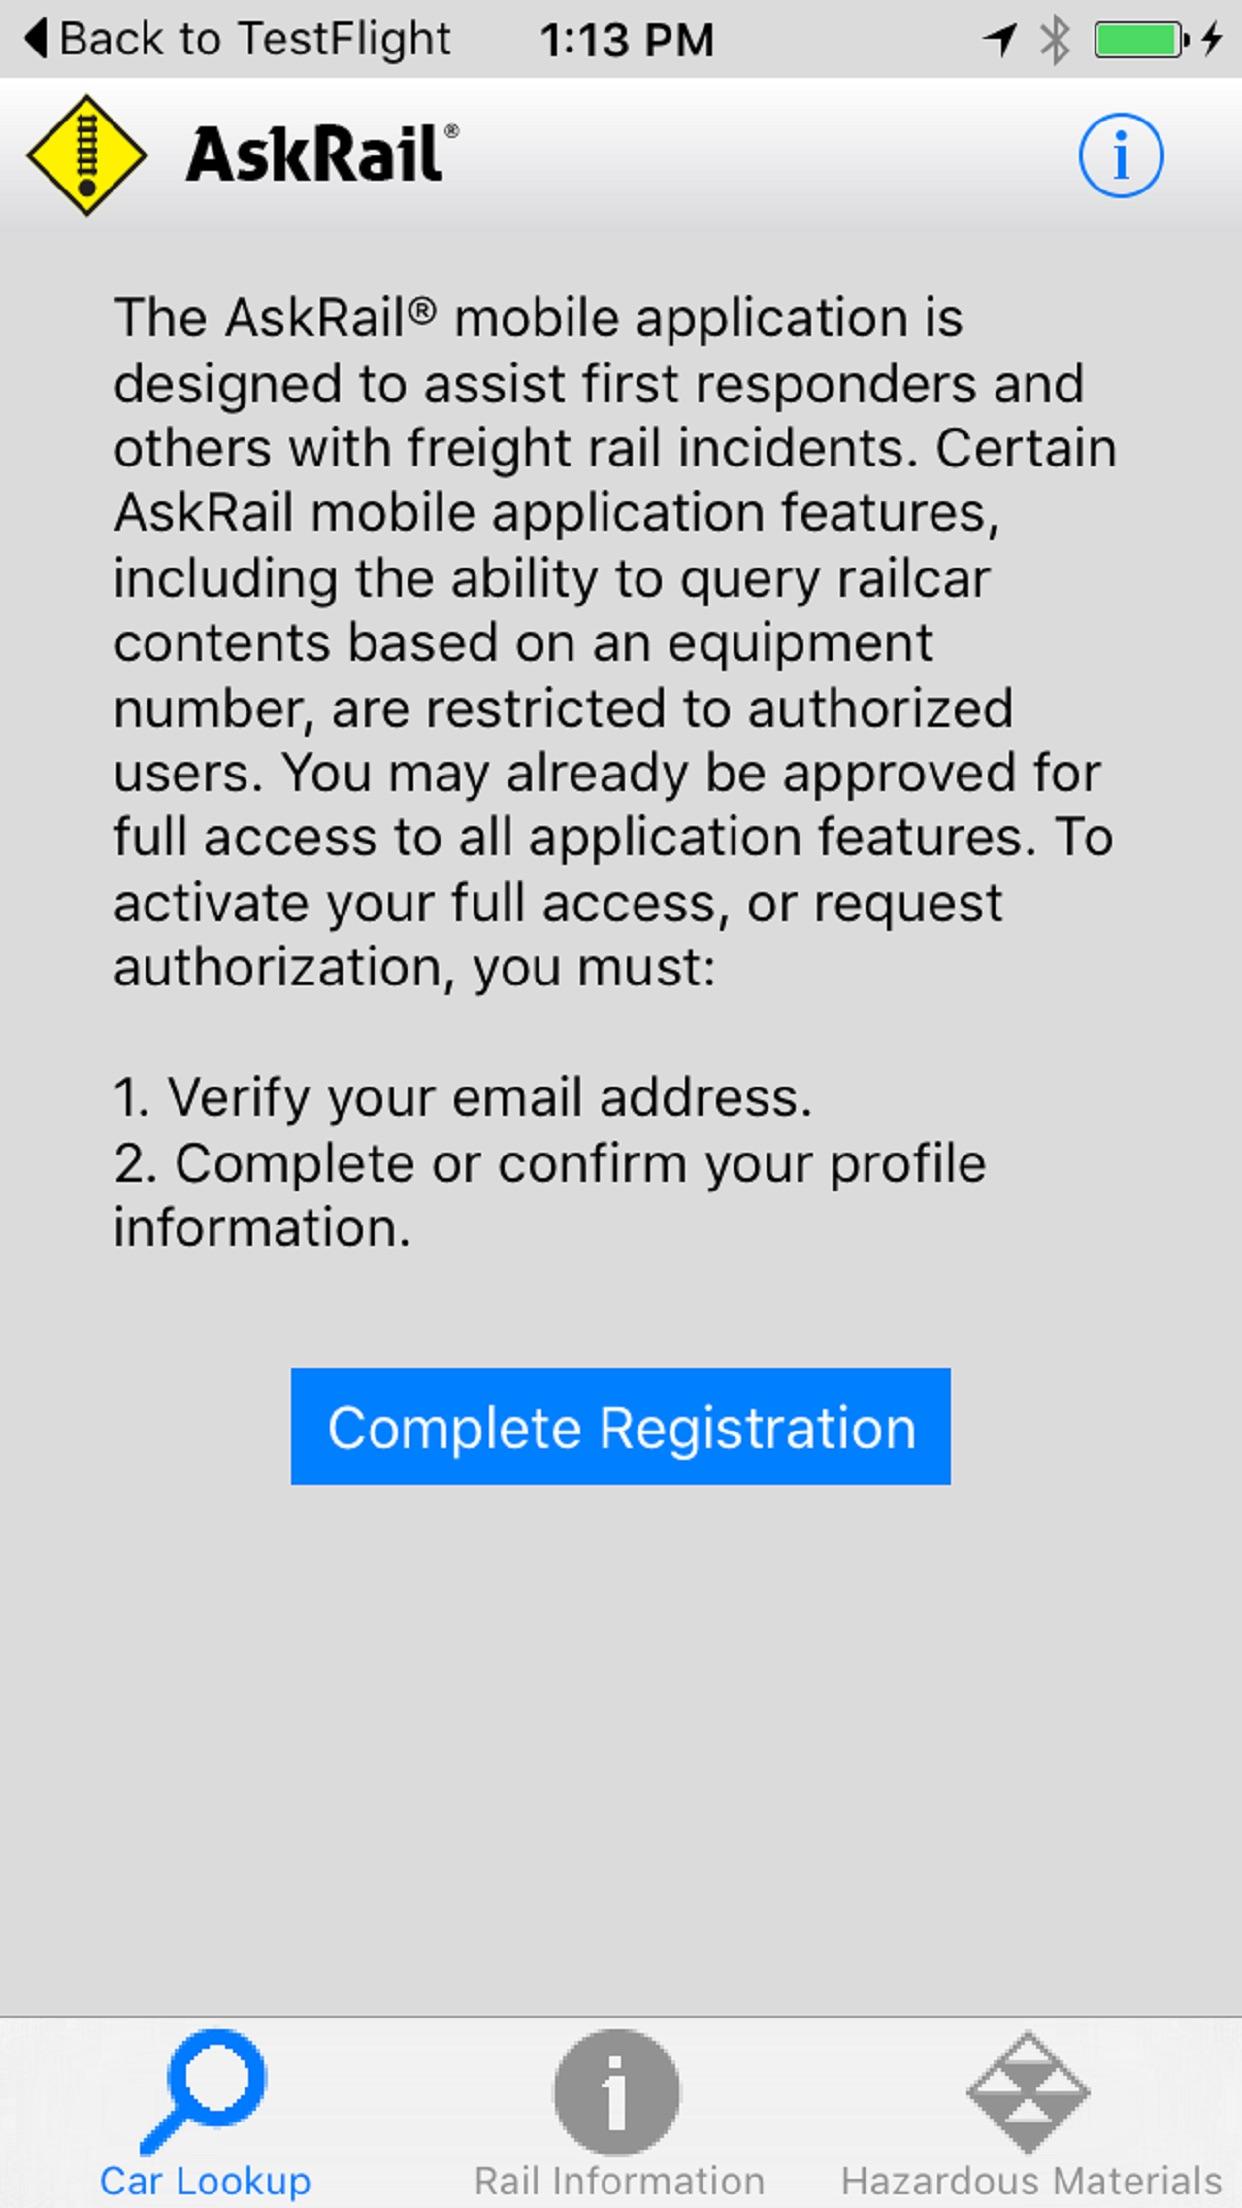 AskRail Screenshot